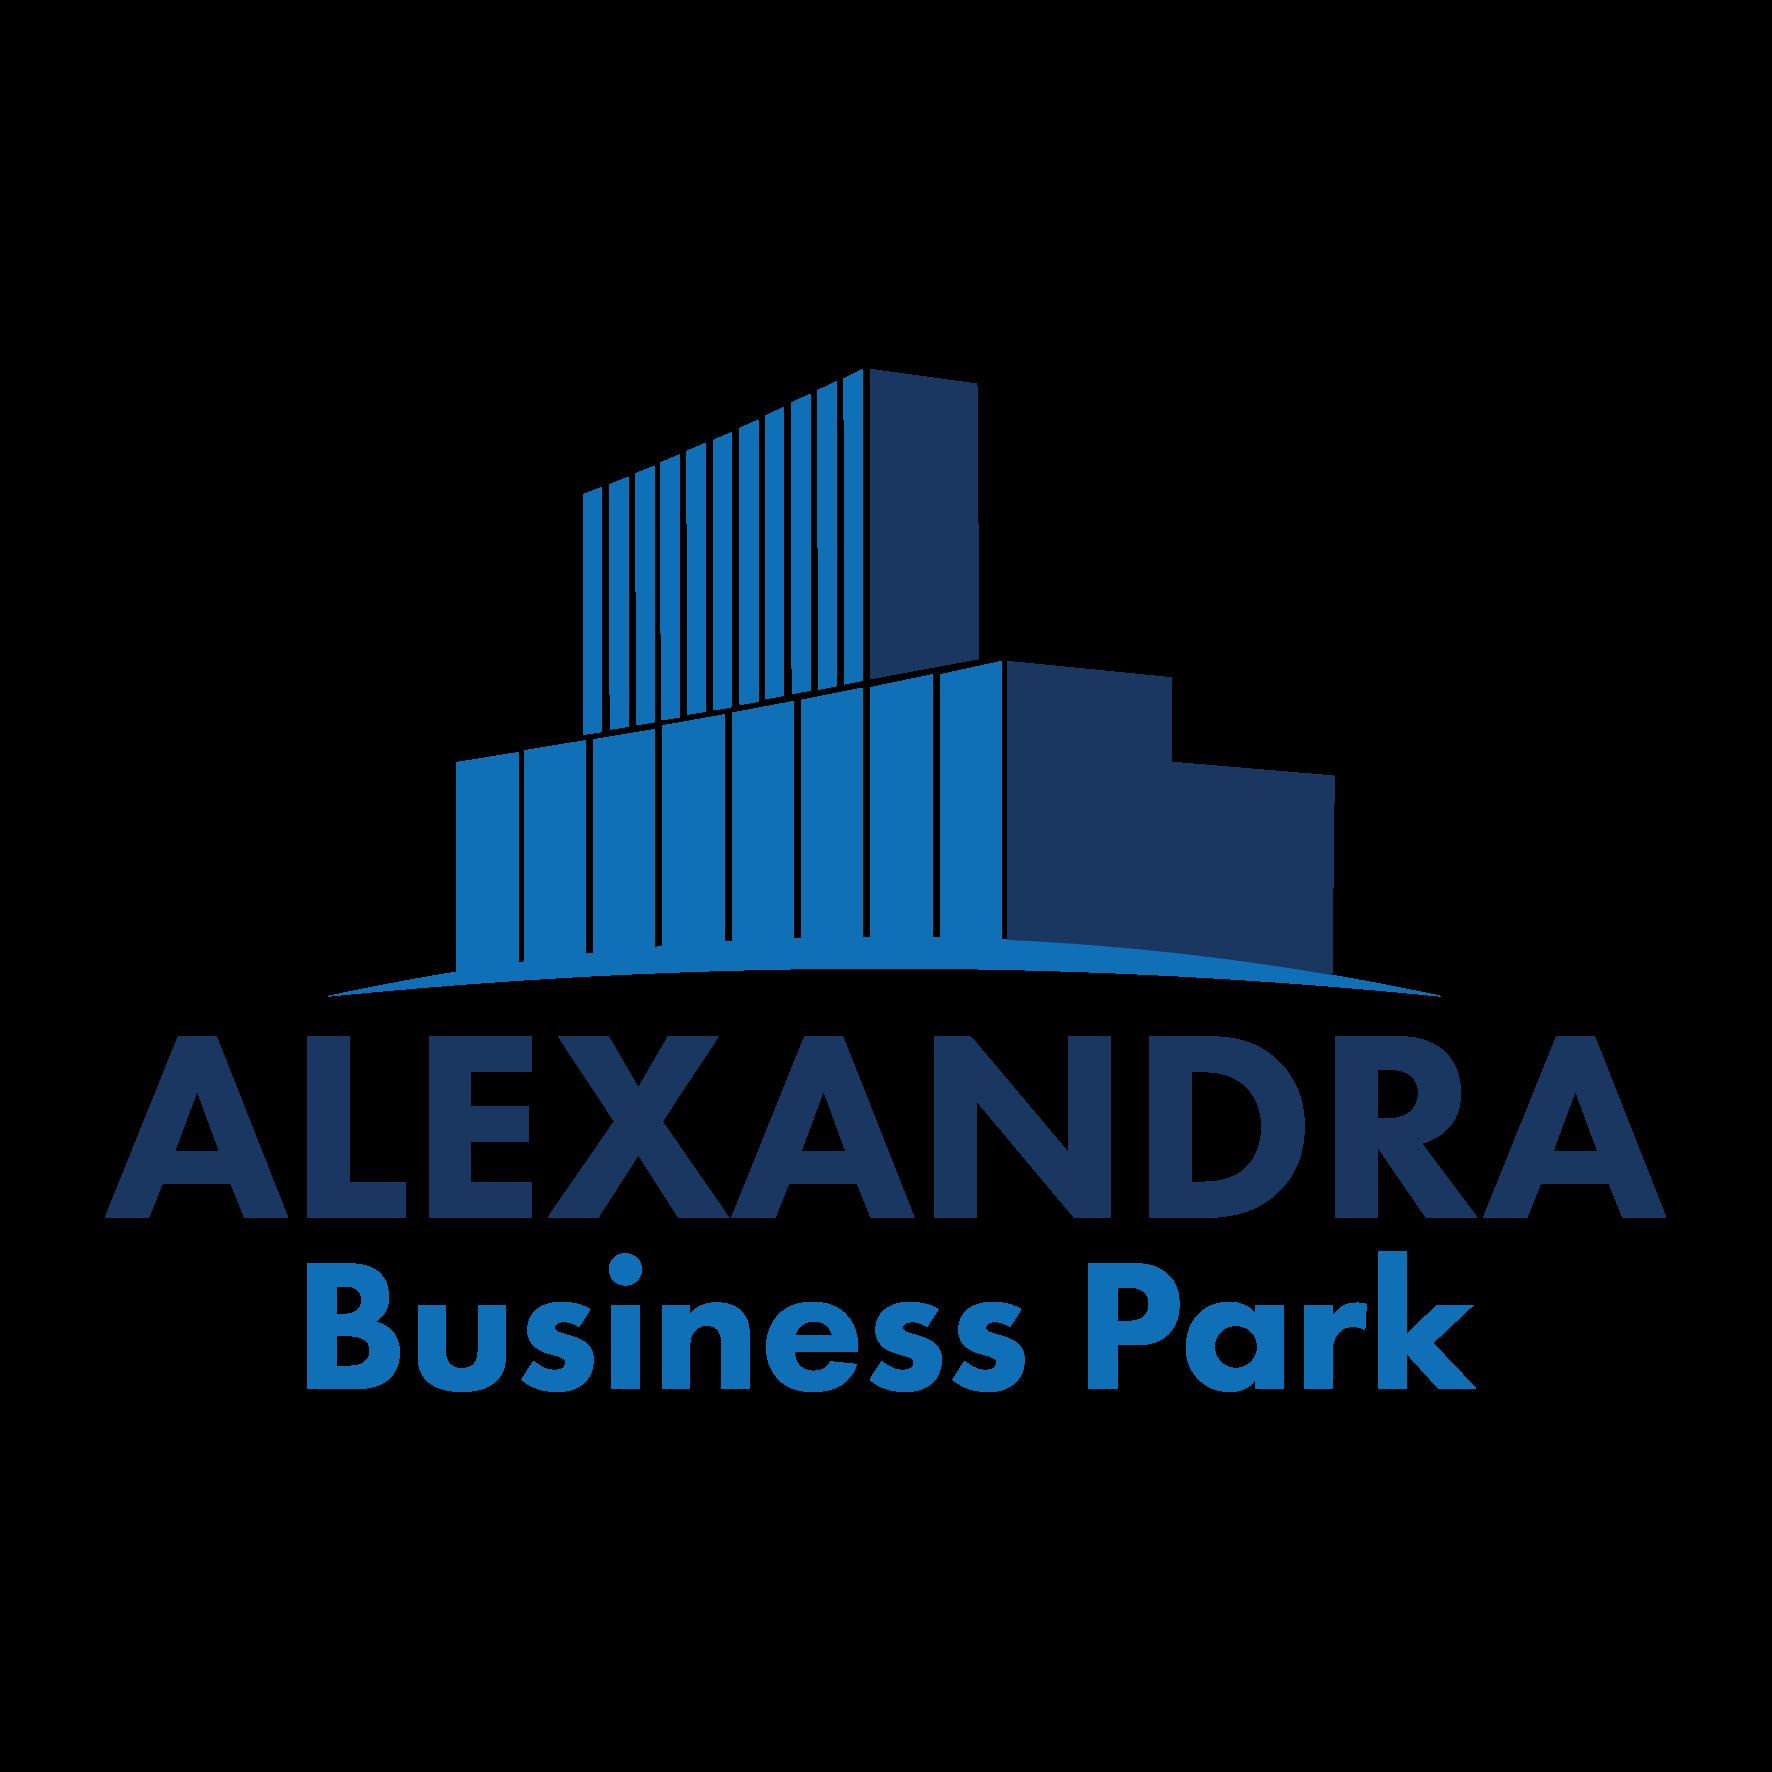 AlexandraBP-LogoLarge.png